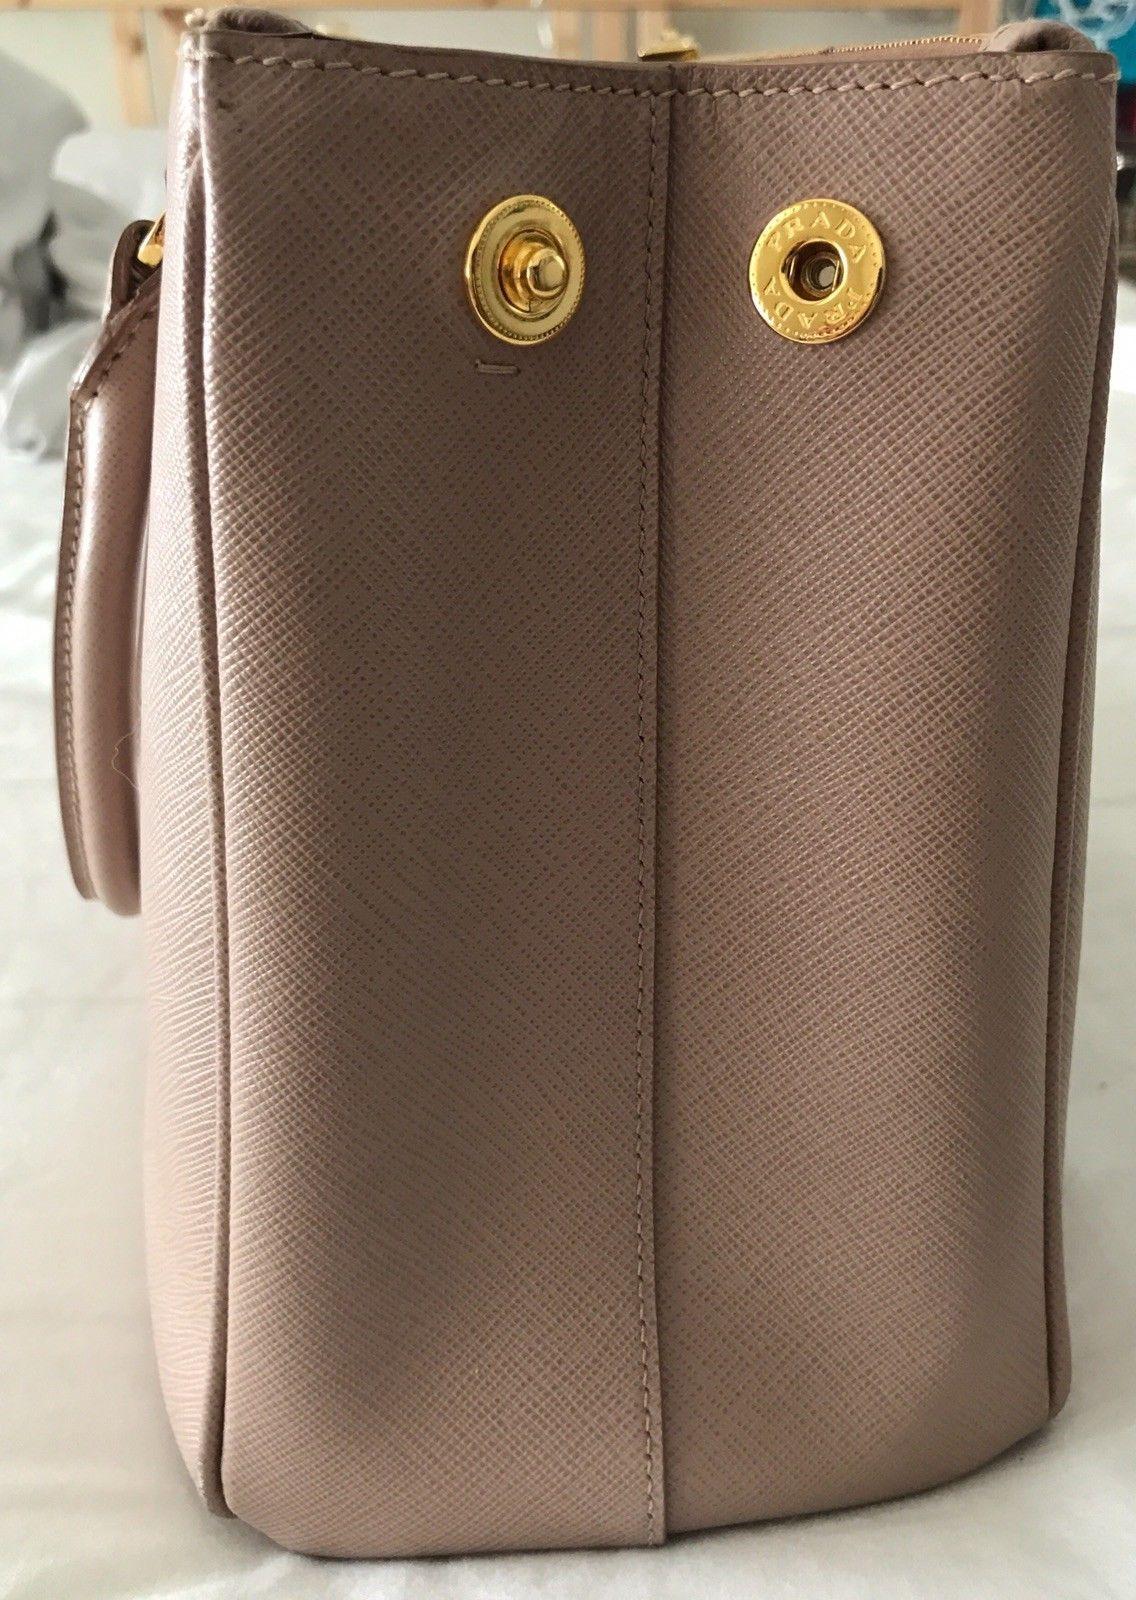 814bcb46cd5c ... shopping prada saffiano lux double zip tote cammeo small bn1801 1100.0  03309 9d5ff